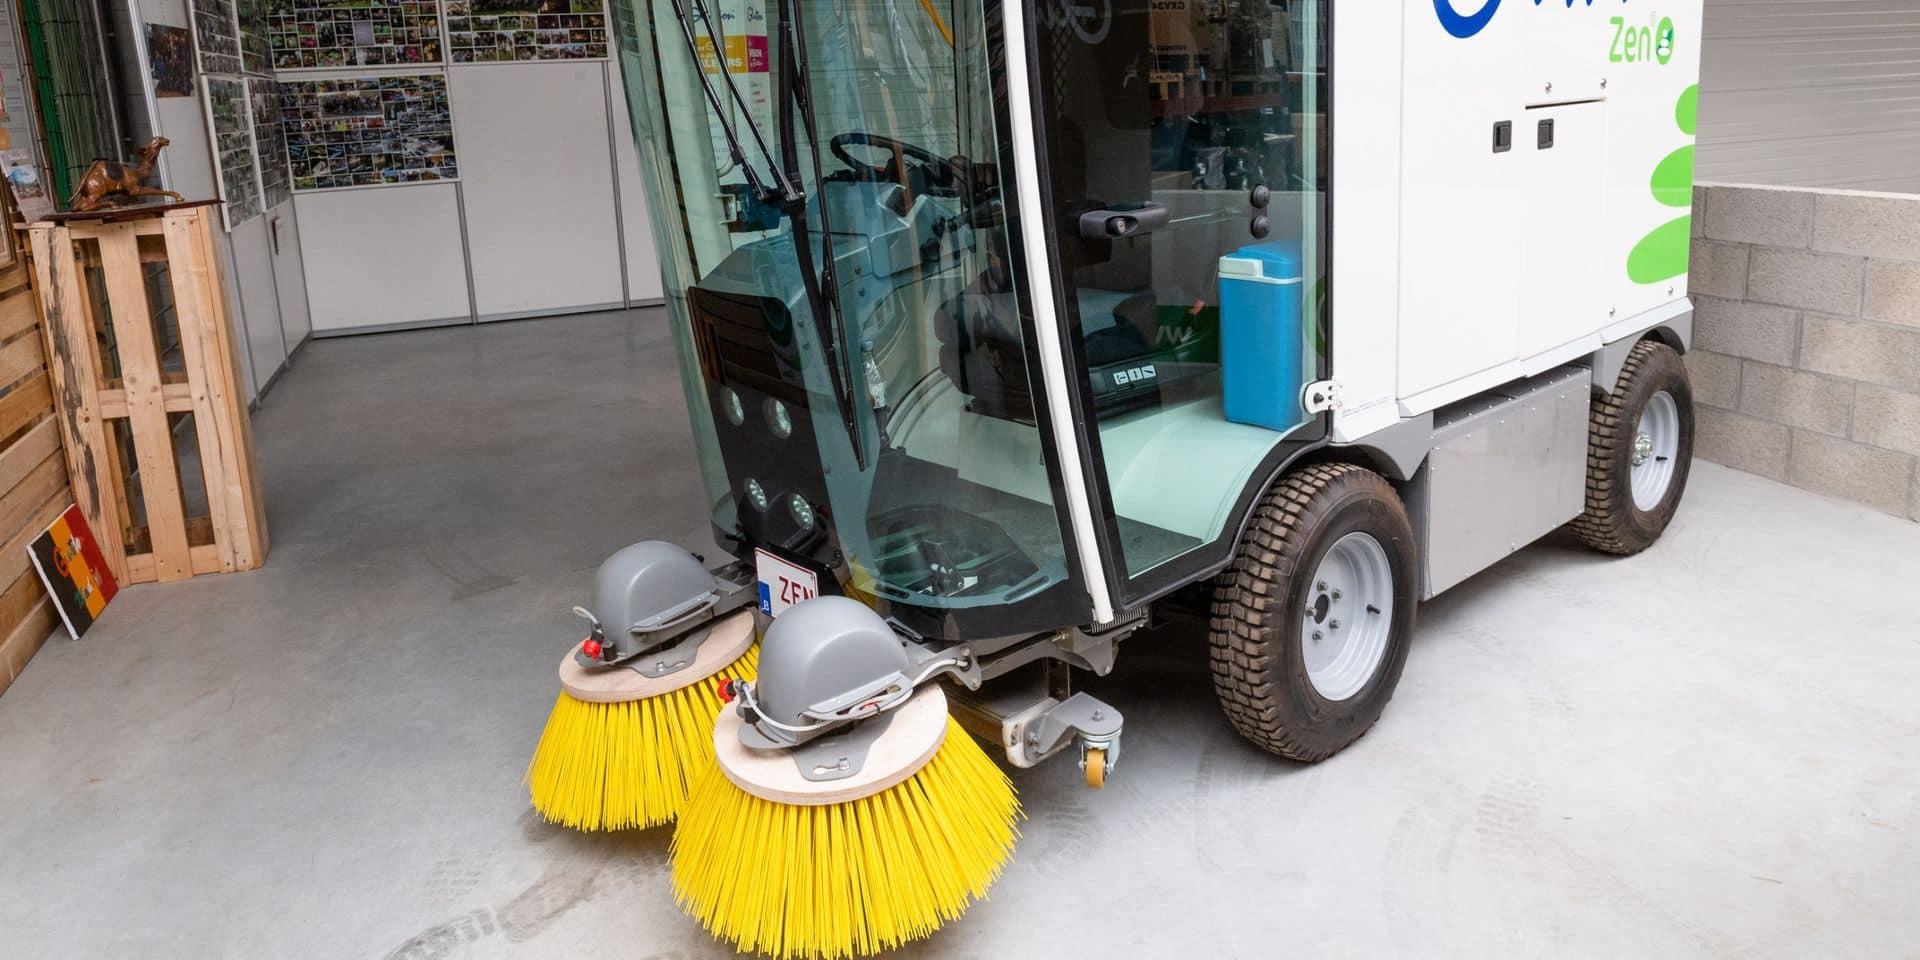 Nettoyage de printemps pour les avaloirs à Nivelles: attention au stationnement...